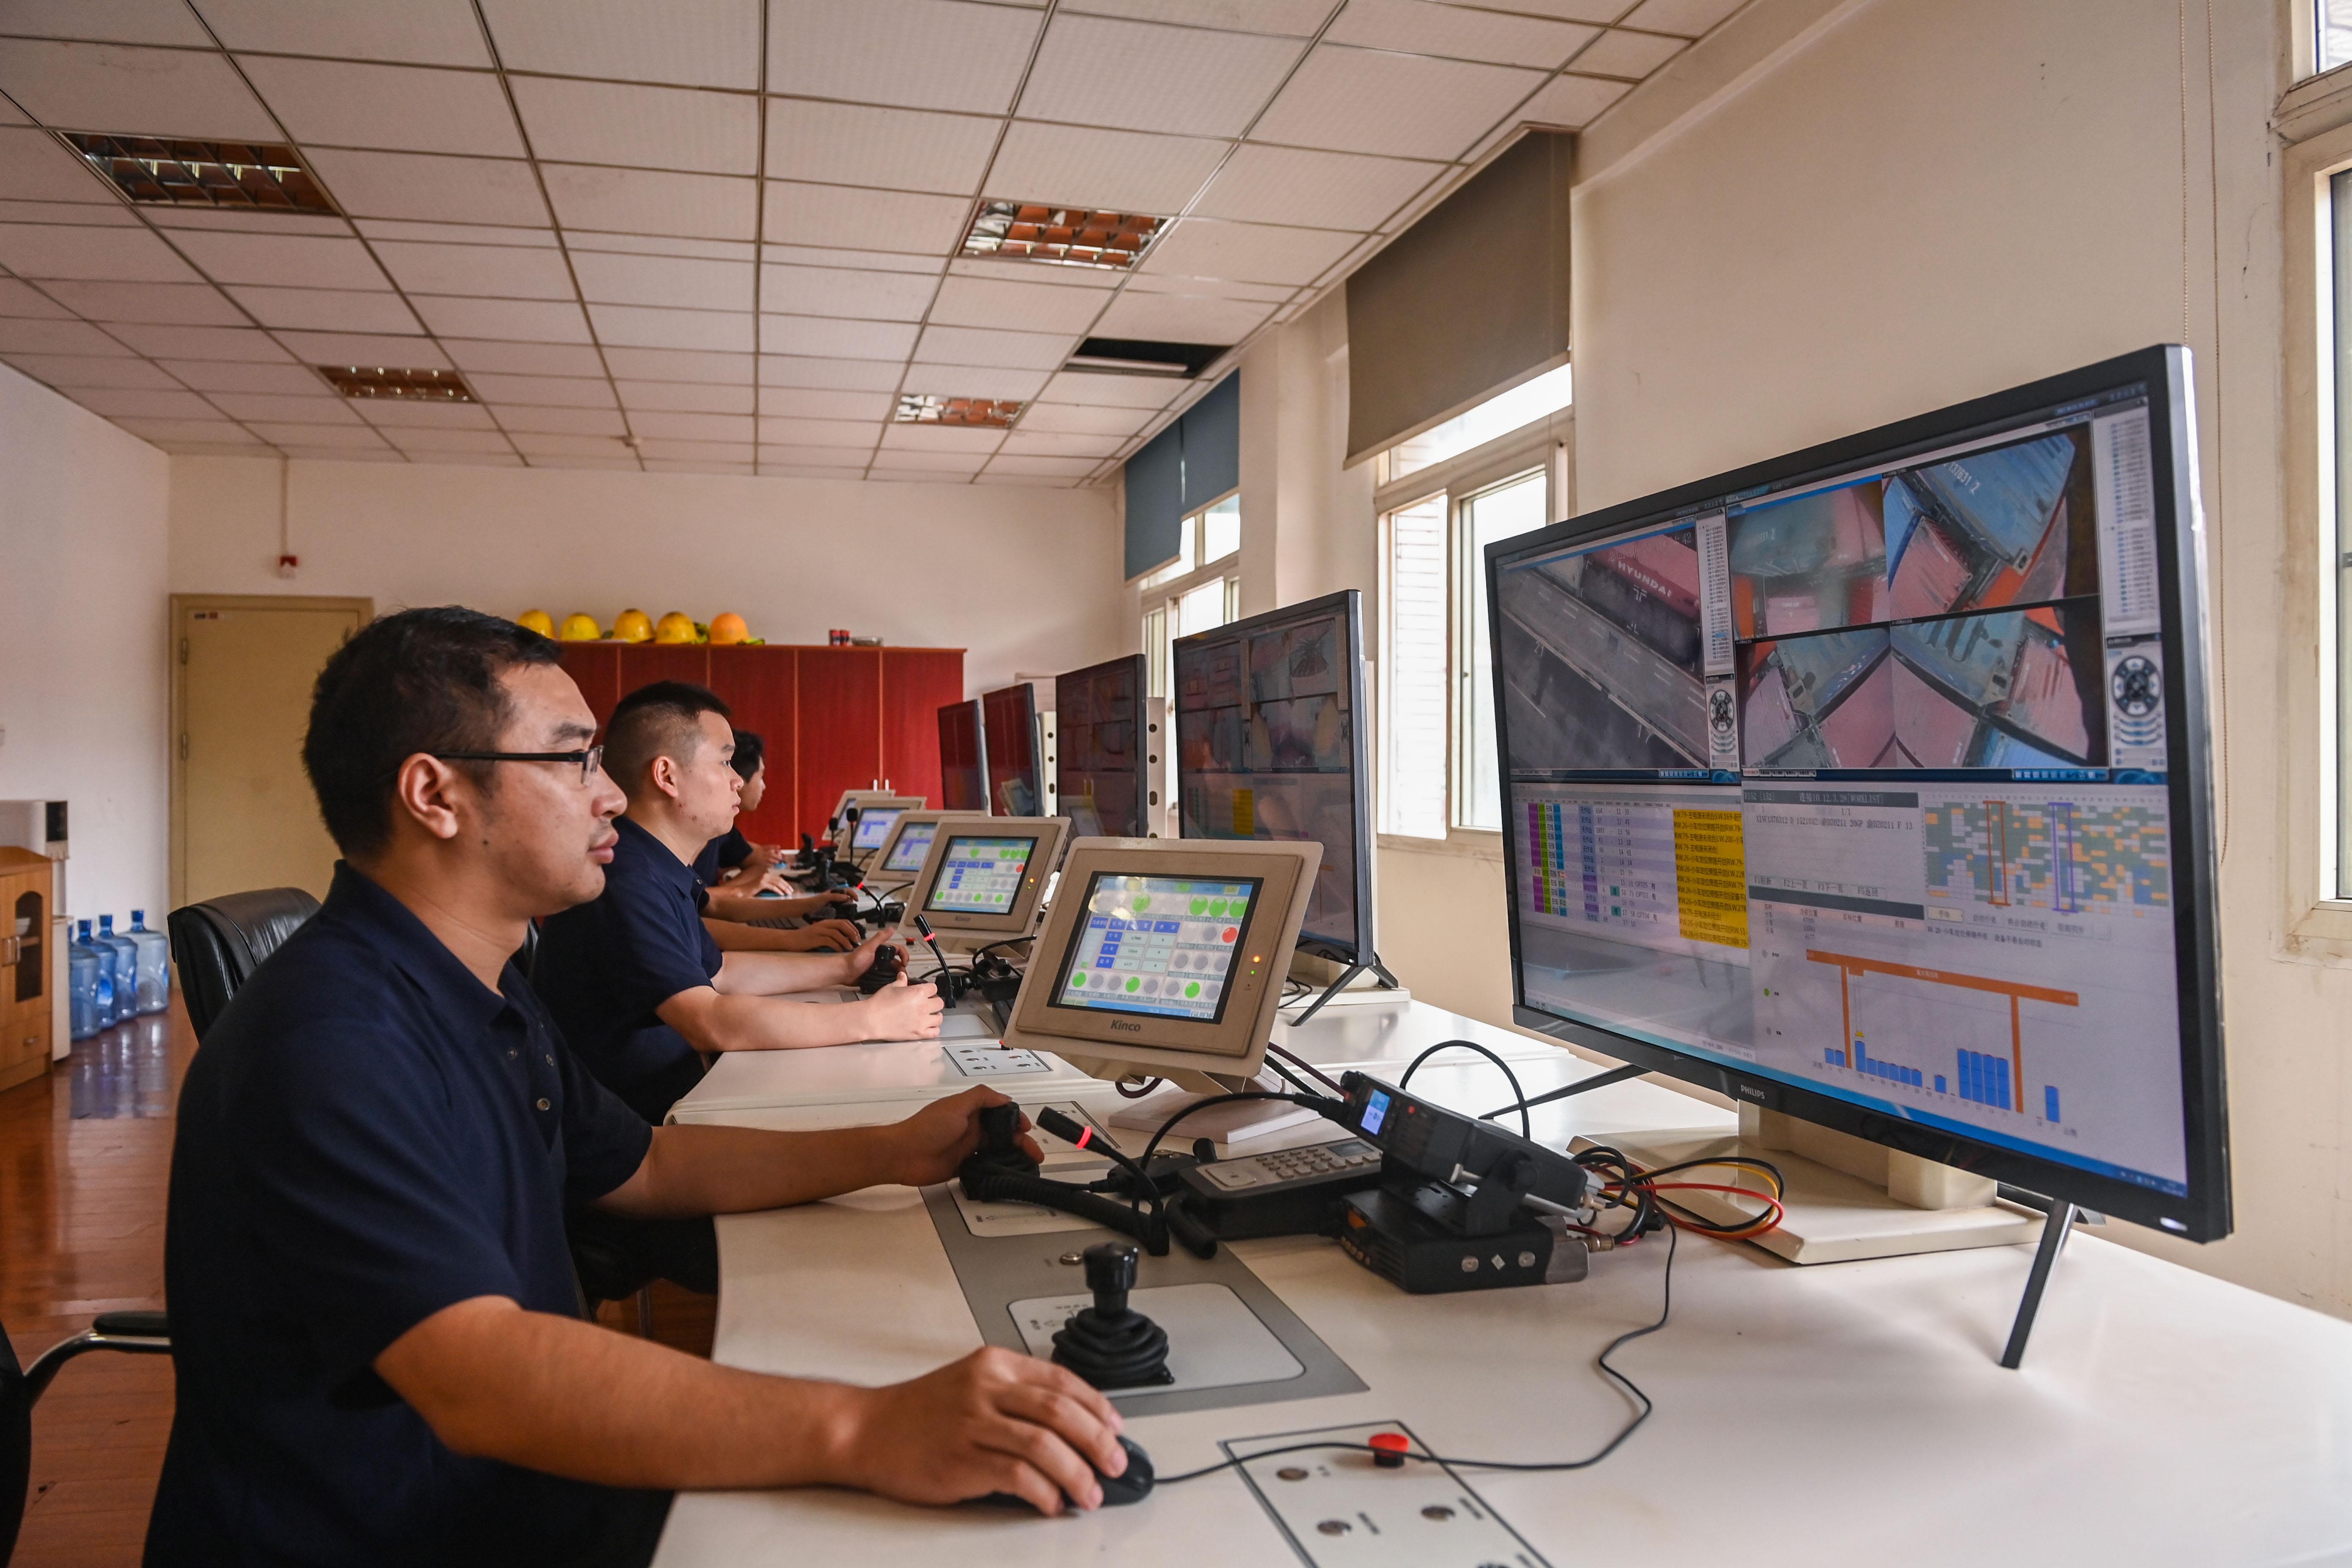 重慶果園港:將打造成標桿性智慧化多式聯運樞紐港